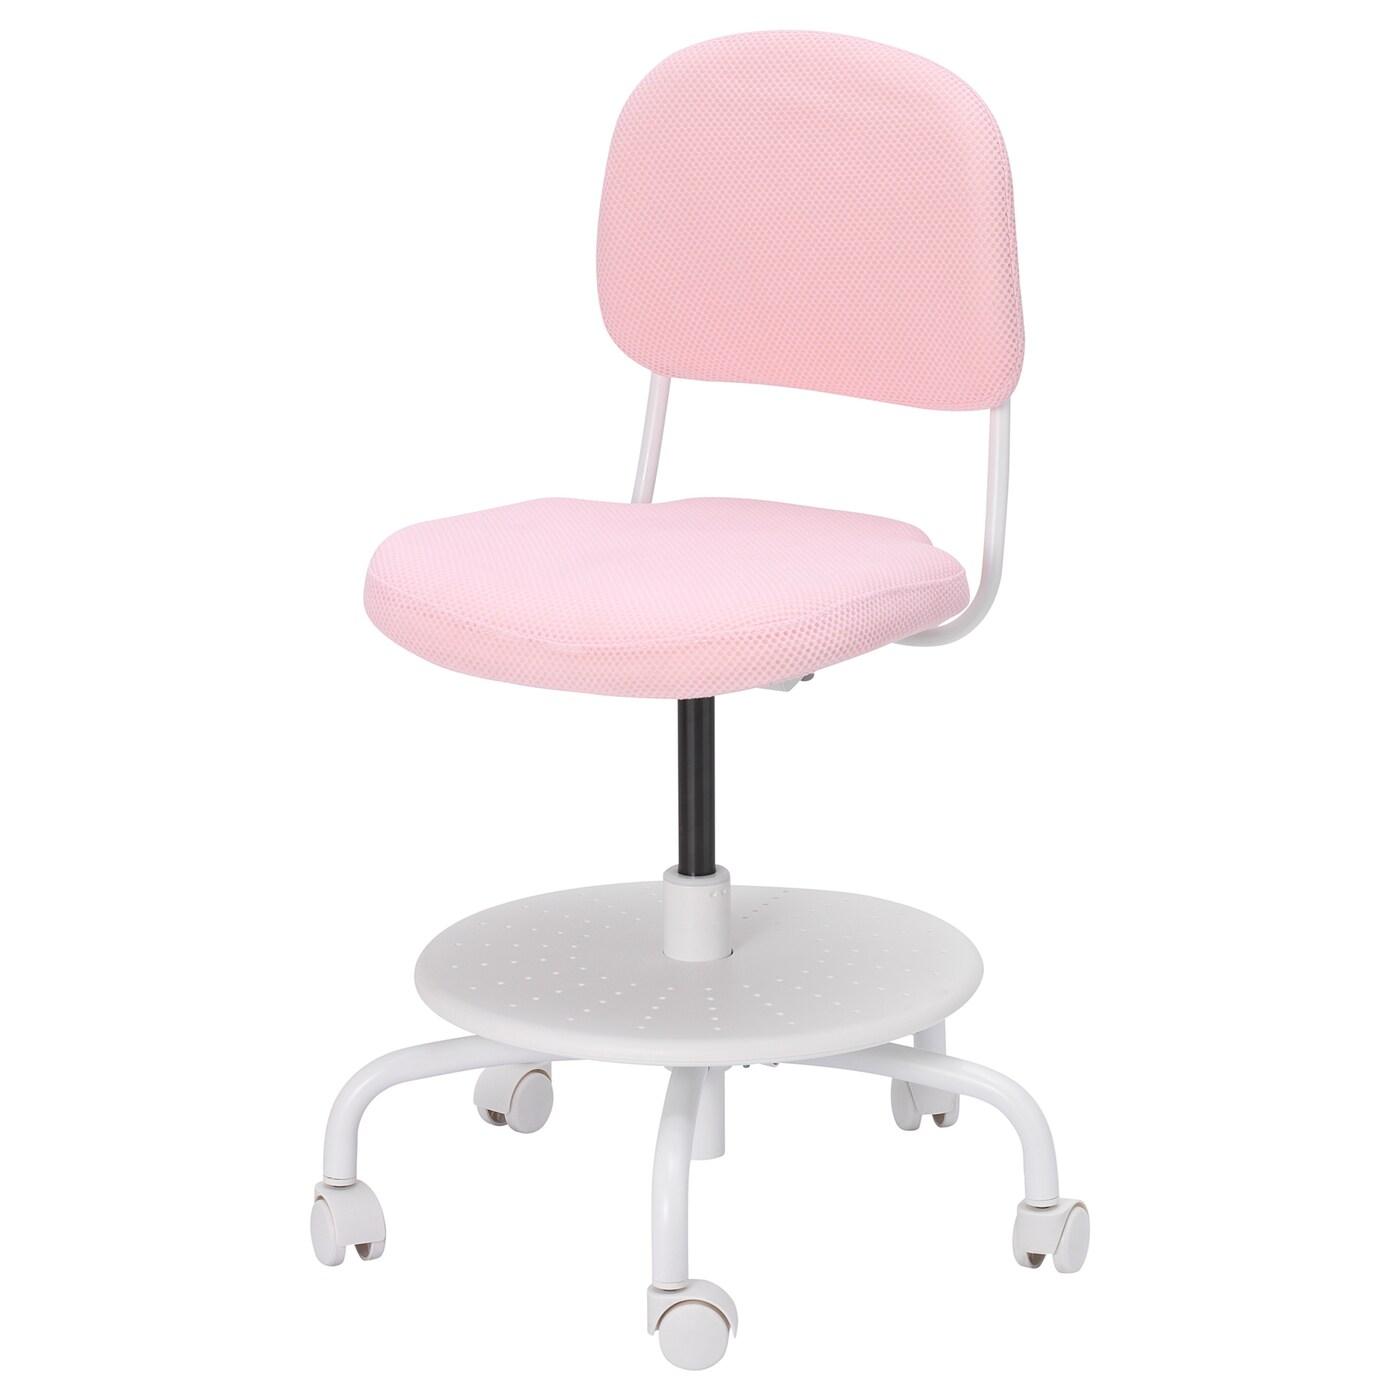 chaises bureaux et chaises enfants 8 12 ans ikea. Black Bedroom Furniture Sets. Home Design Ideas